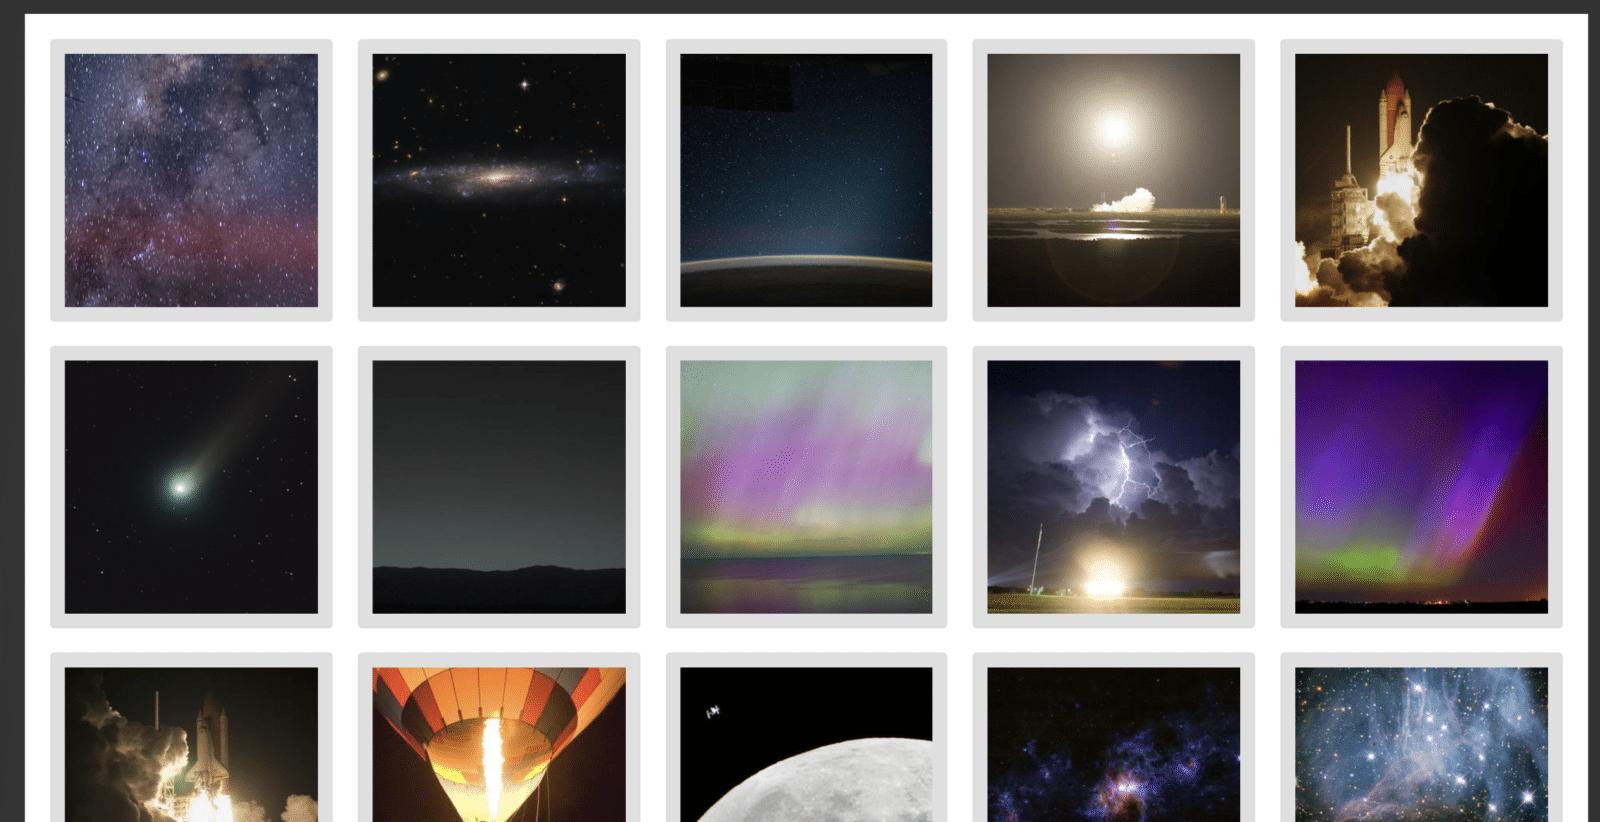 ทำไมภาพจาก NASA ถึงใช้ฟรี แถมยังเอาไปทำการค้าได้ด้วย + แหล่งโหลดภาพสวย ๆ หลักหมื่นรูป